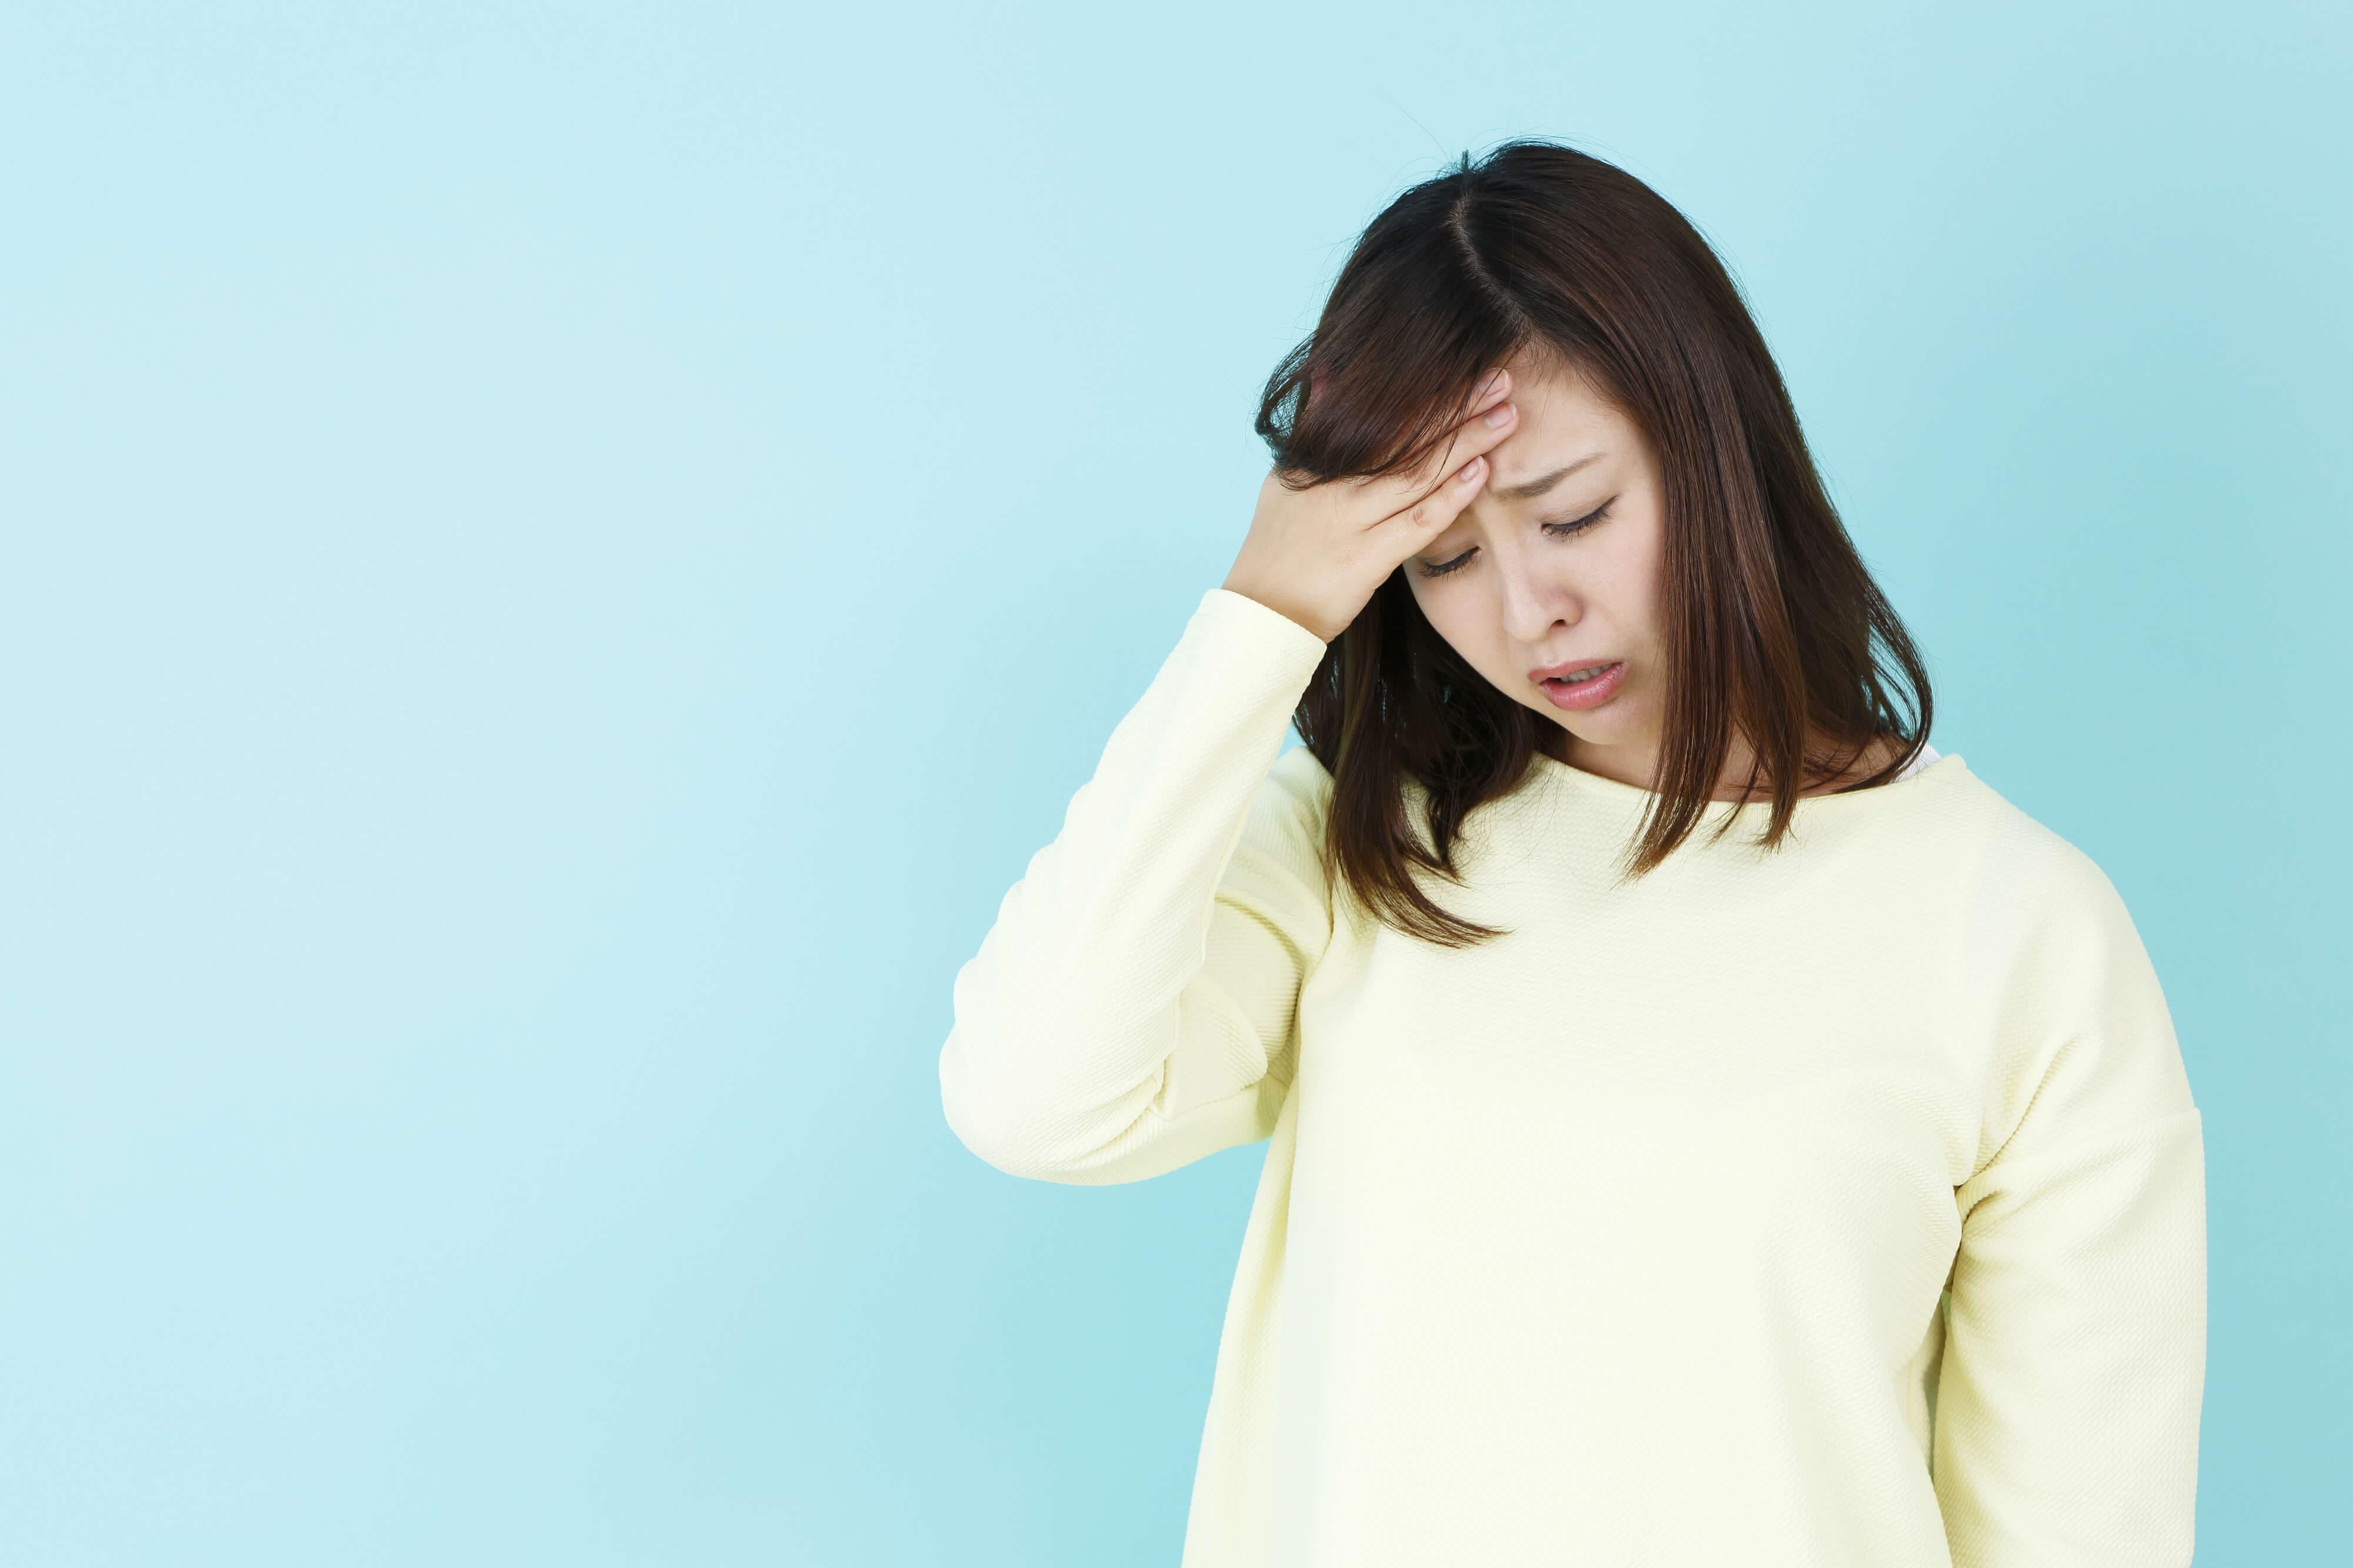 風邪の症状と似ている妊娠超初期症状を和らげる4つのコツ